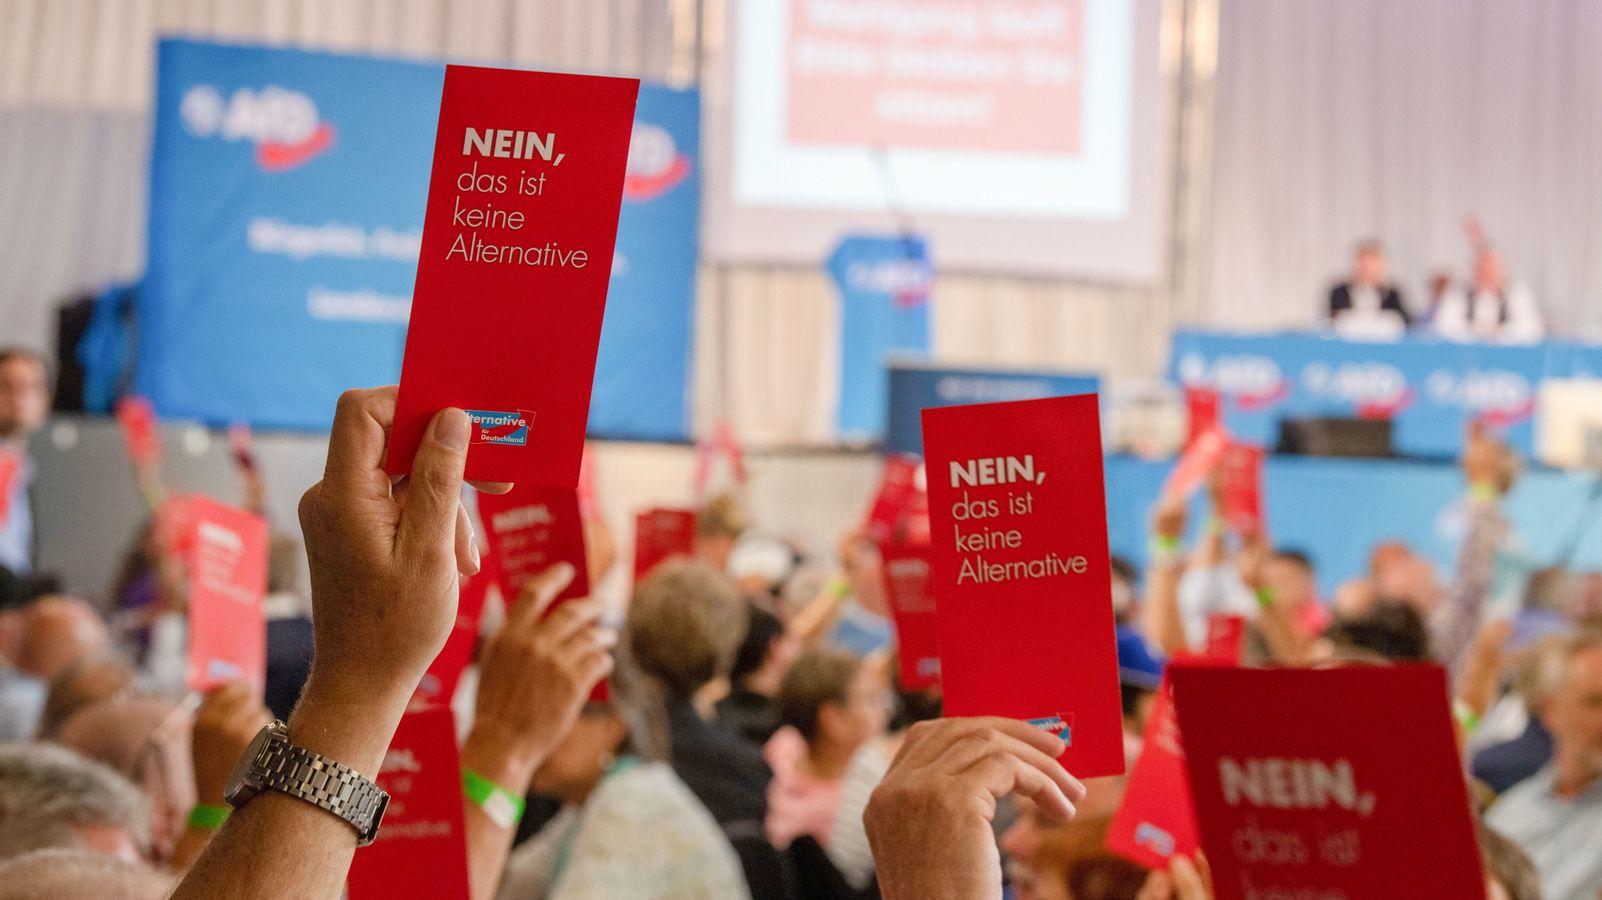 In Greding fand heute ein Landesparteitag der AfD statt. Teile der Parteibasis hatten diesen Sonderparteitag angesichts interner Streitigkeiten gefordert. Anhänger des sogenannten Flügels und